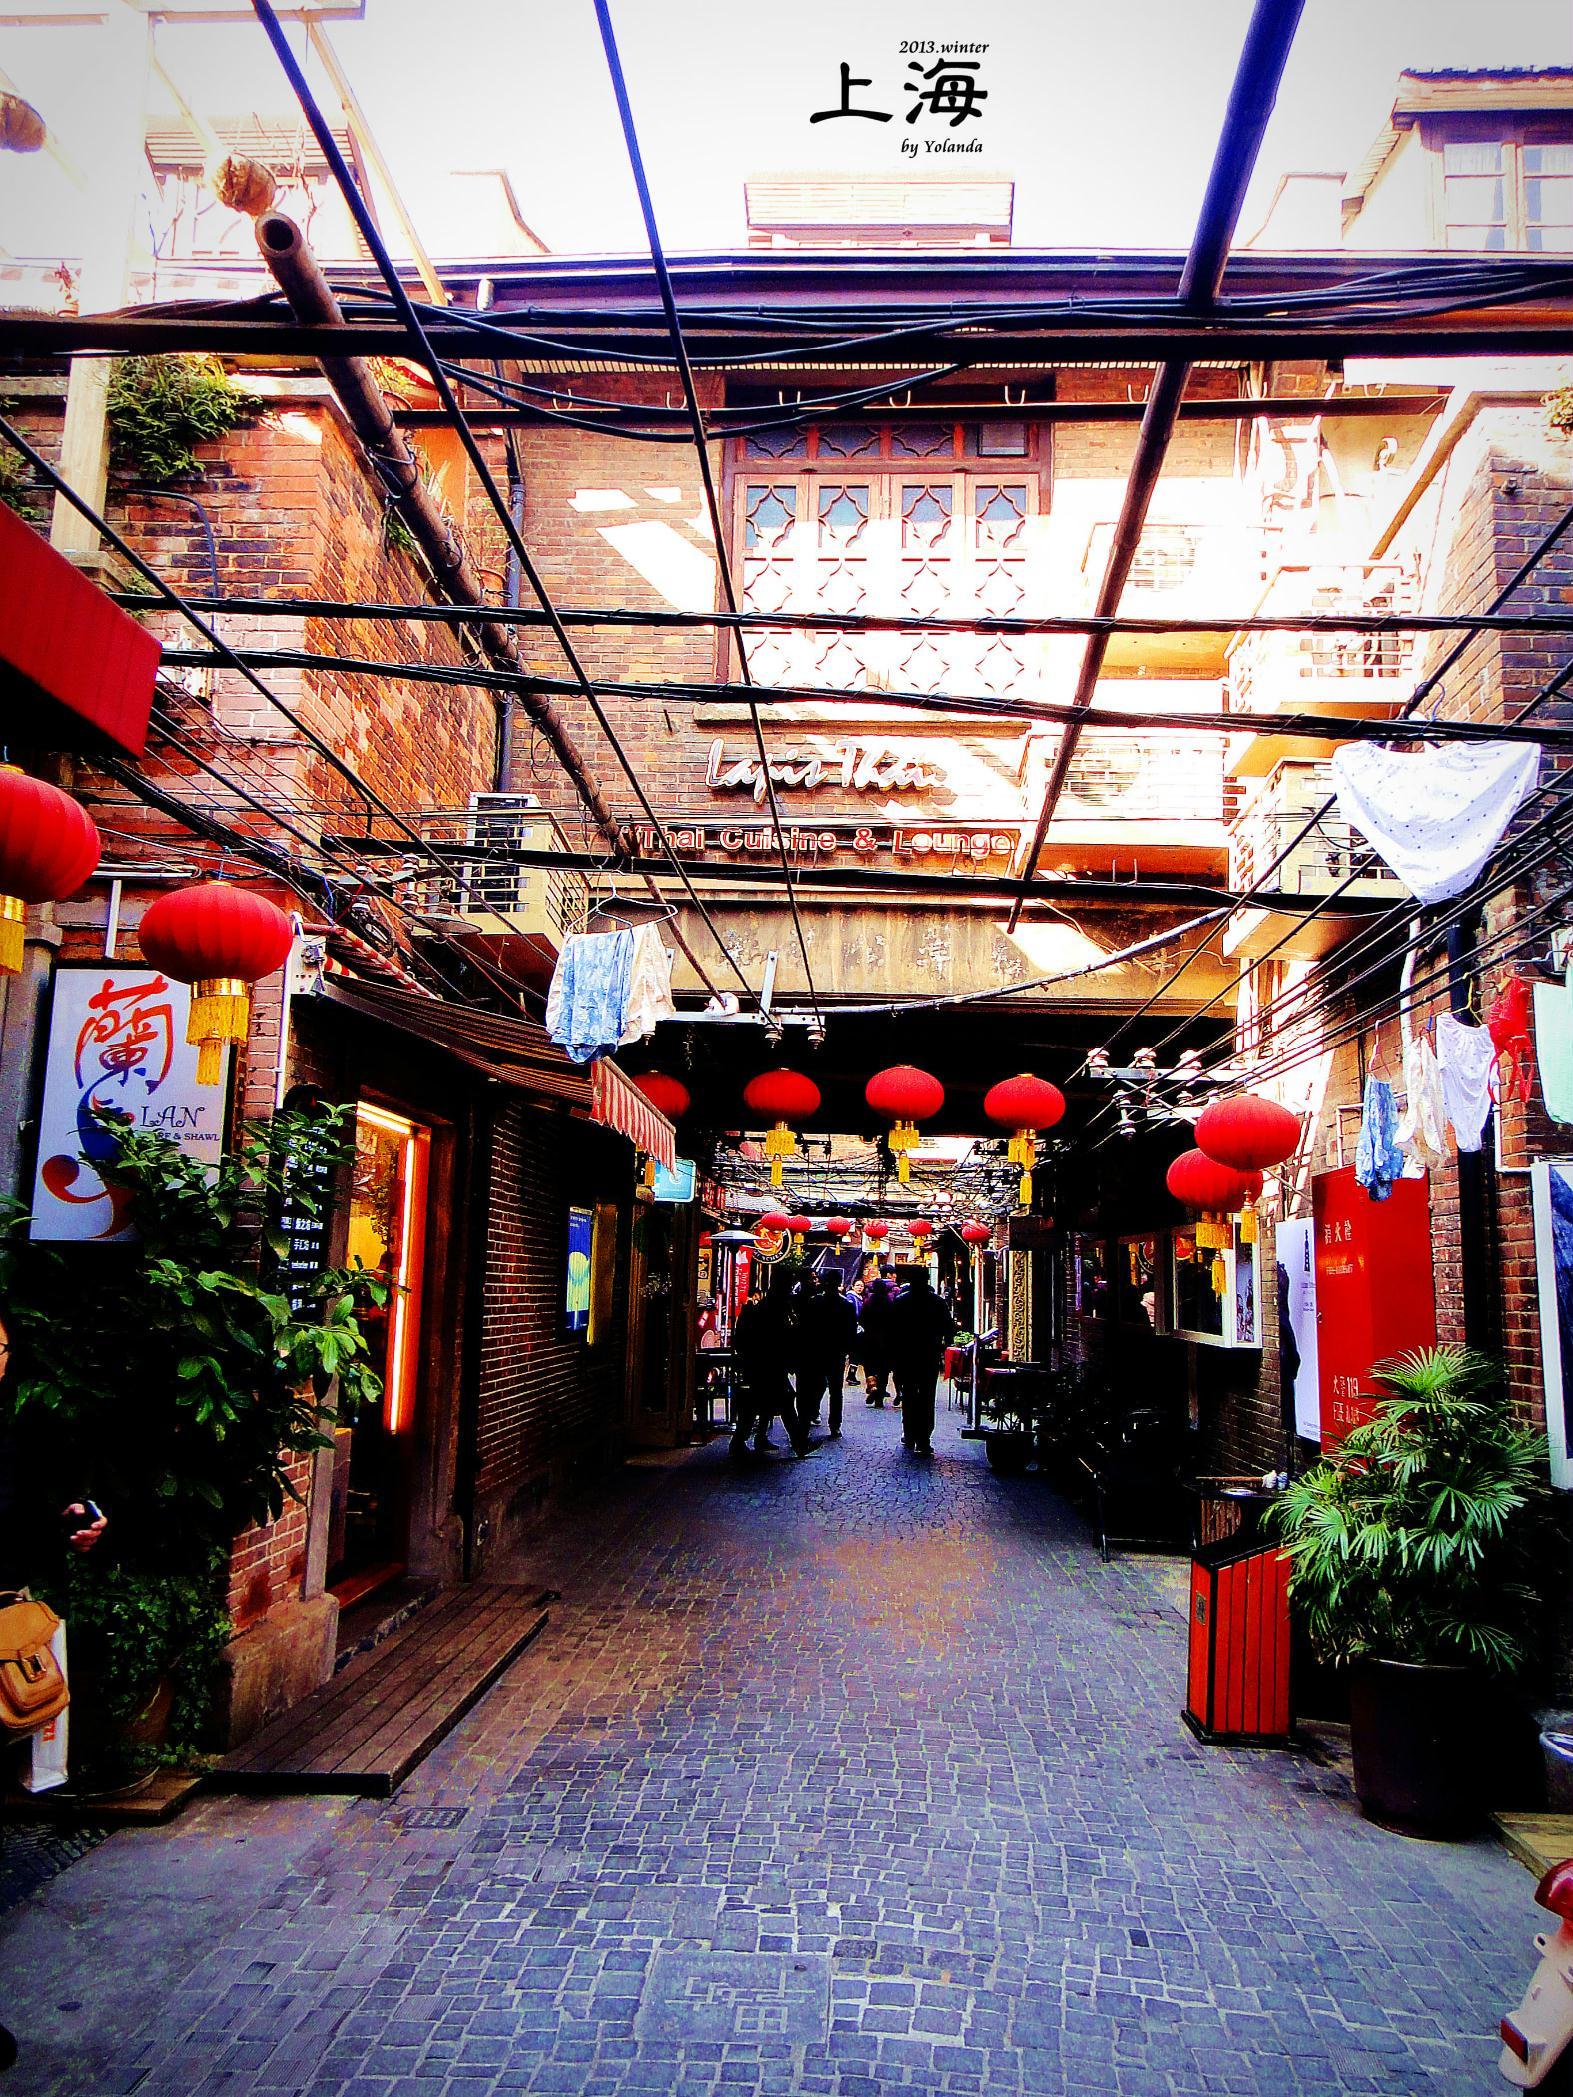 2013五一上海旅游 赏花攻略